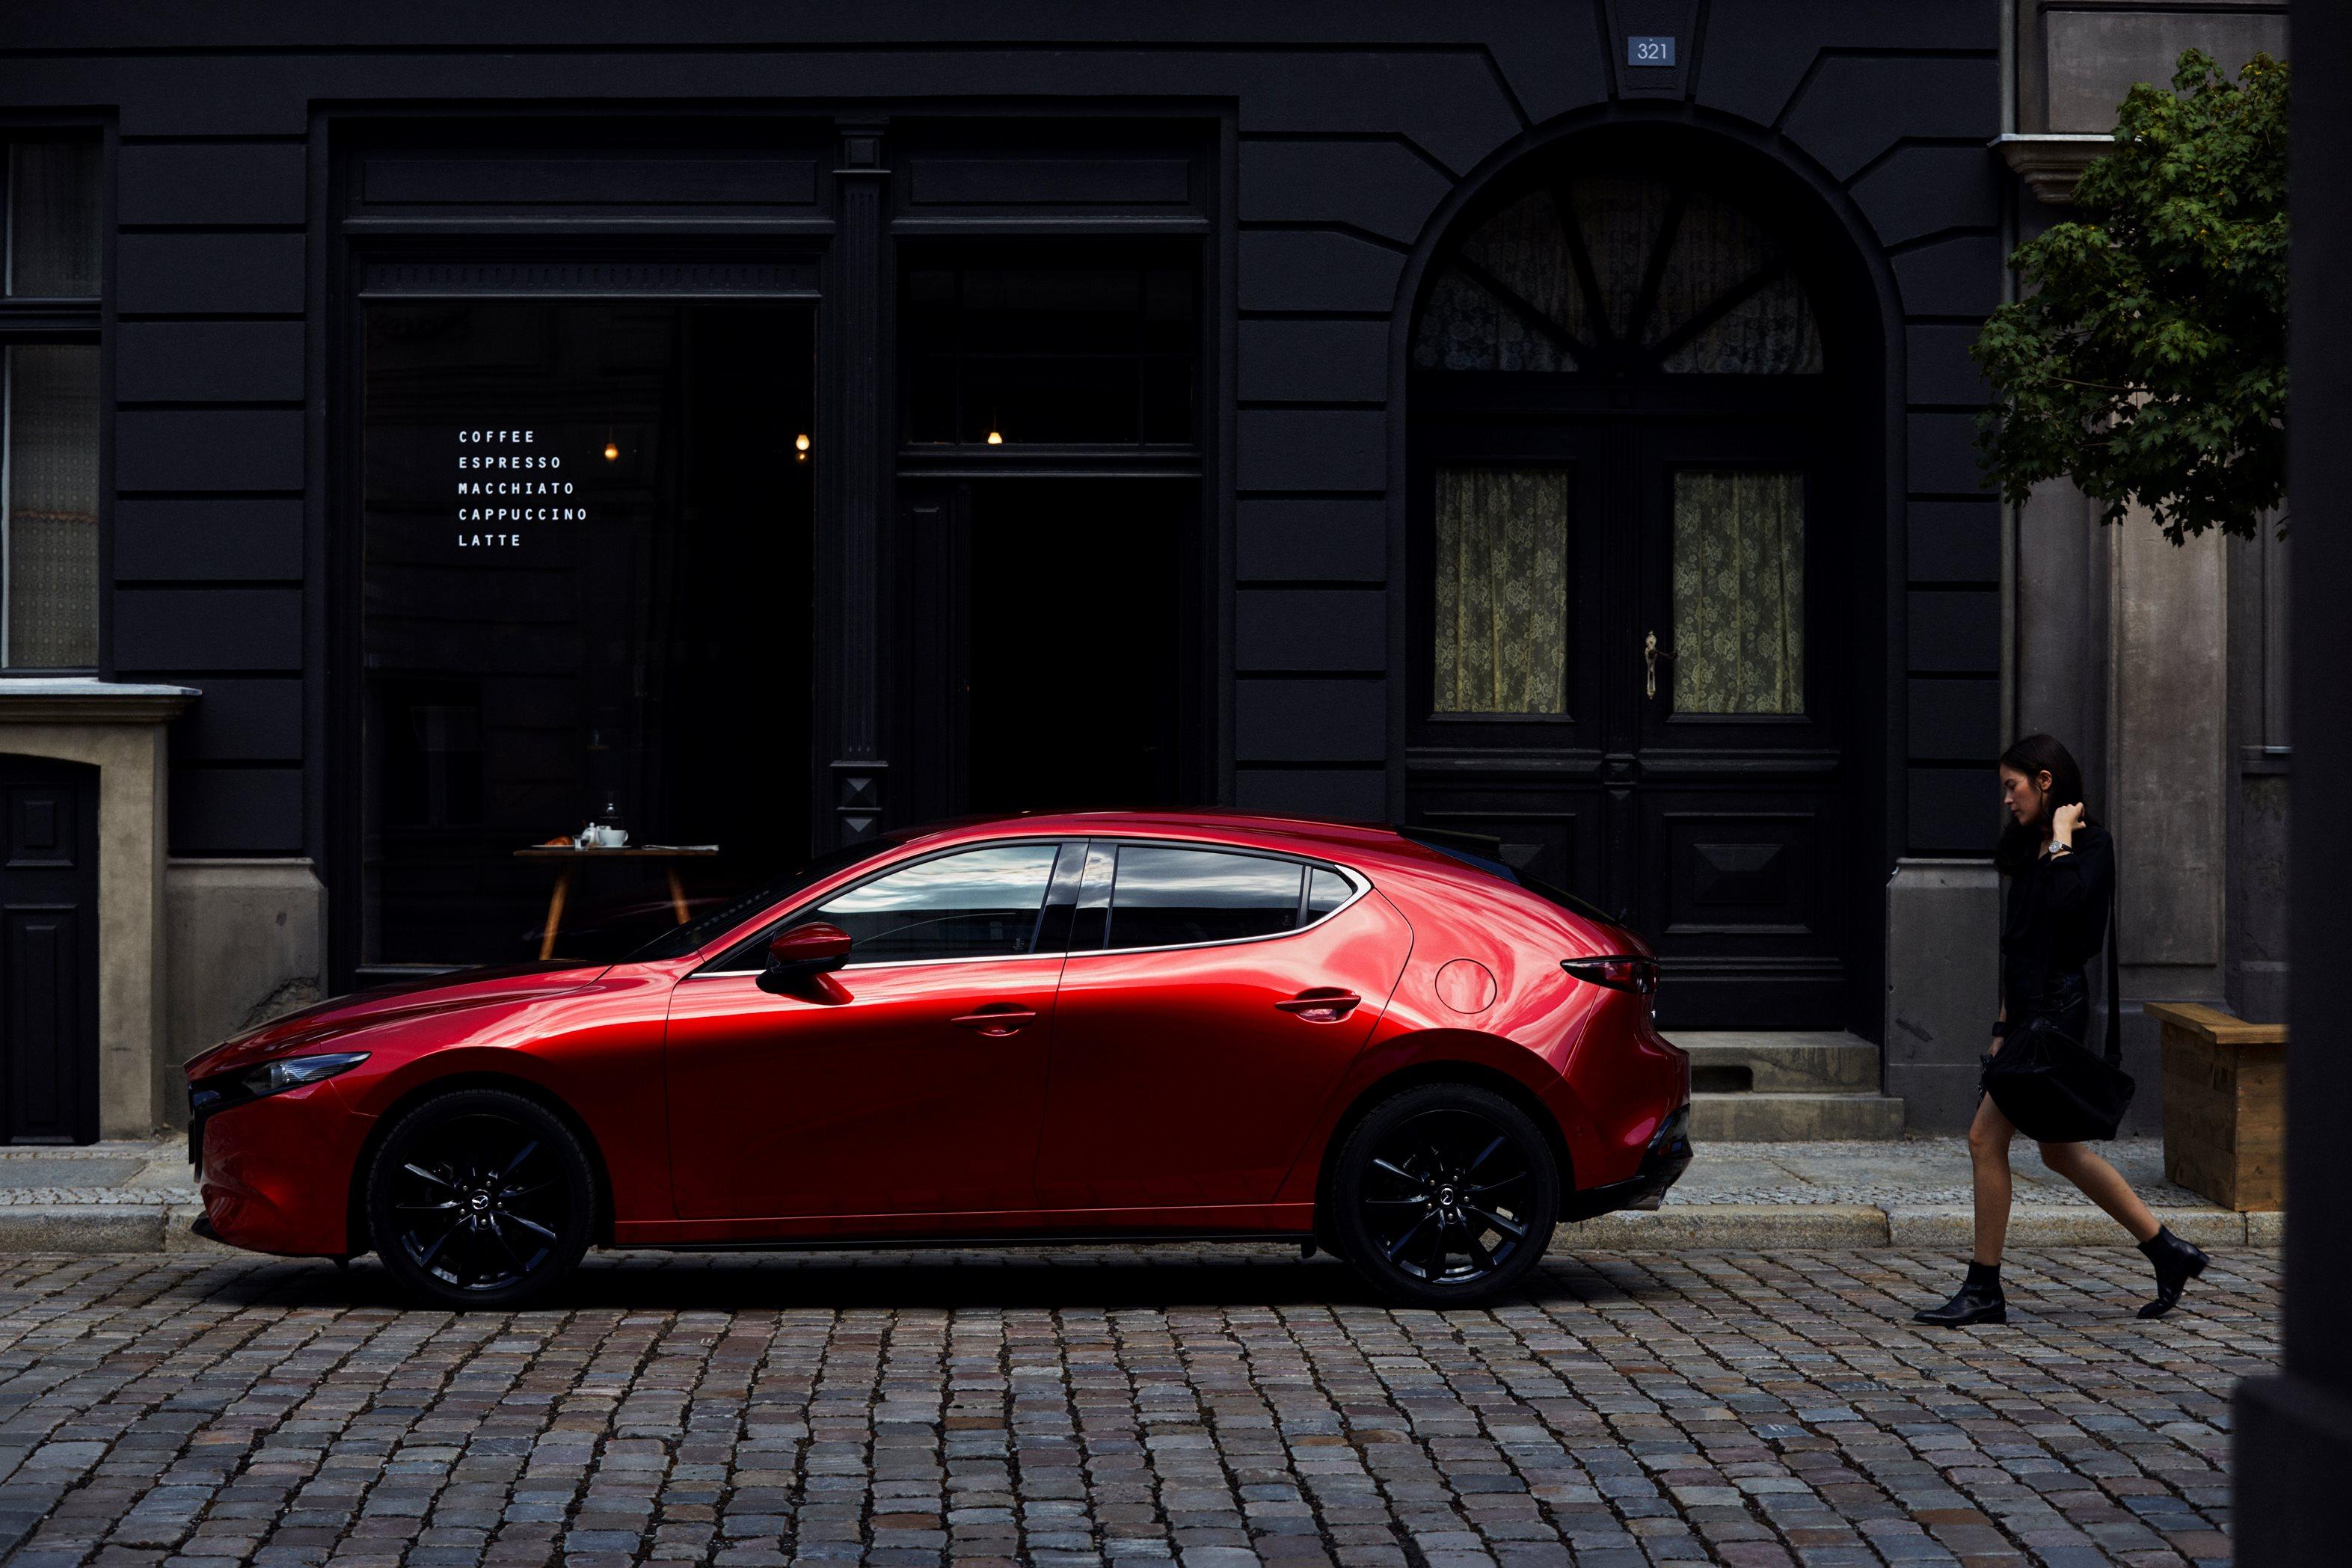 2019 Mazda 3 Die Ersten Infos Und Fotos Rad Ab Com